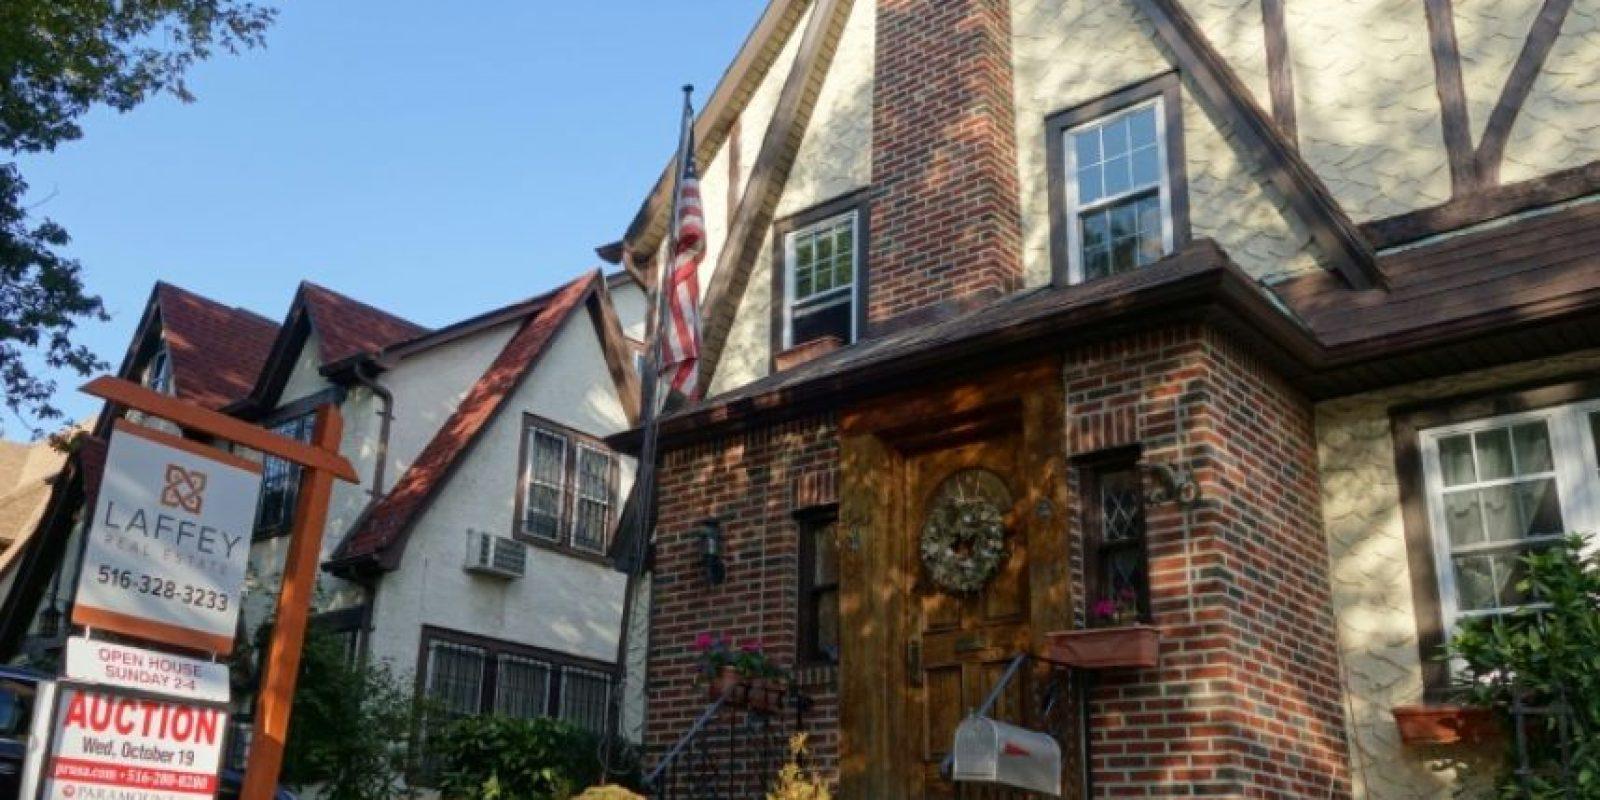 El hogar de la infancia del candidato republicano a la presidencia de EEUU, Donald Trump, en Nueva York, en una imagen del 10 de octubre de 2016 Foto:William Edwards/afp.com